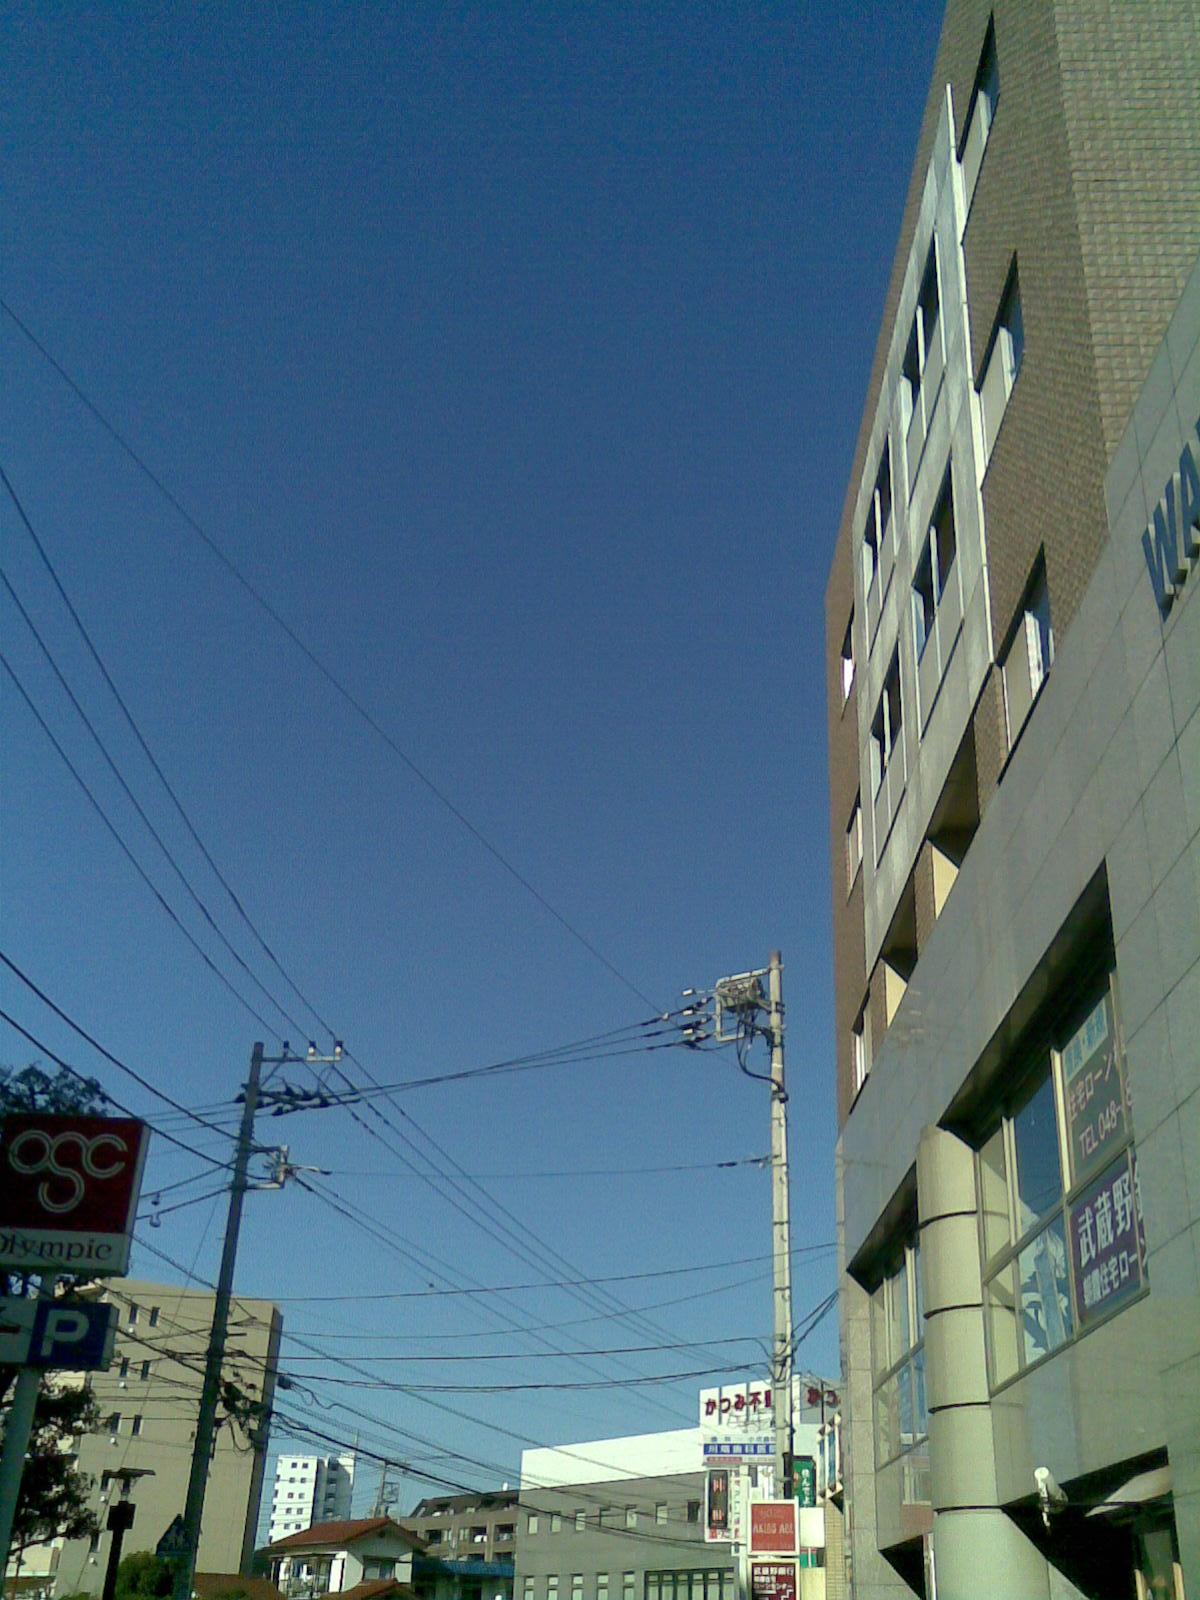 明日から1/14まで帰青!新幹線乗車前日に発券!_d0061678_1353871.jpg